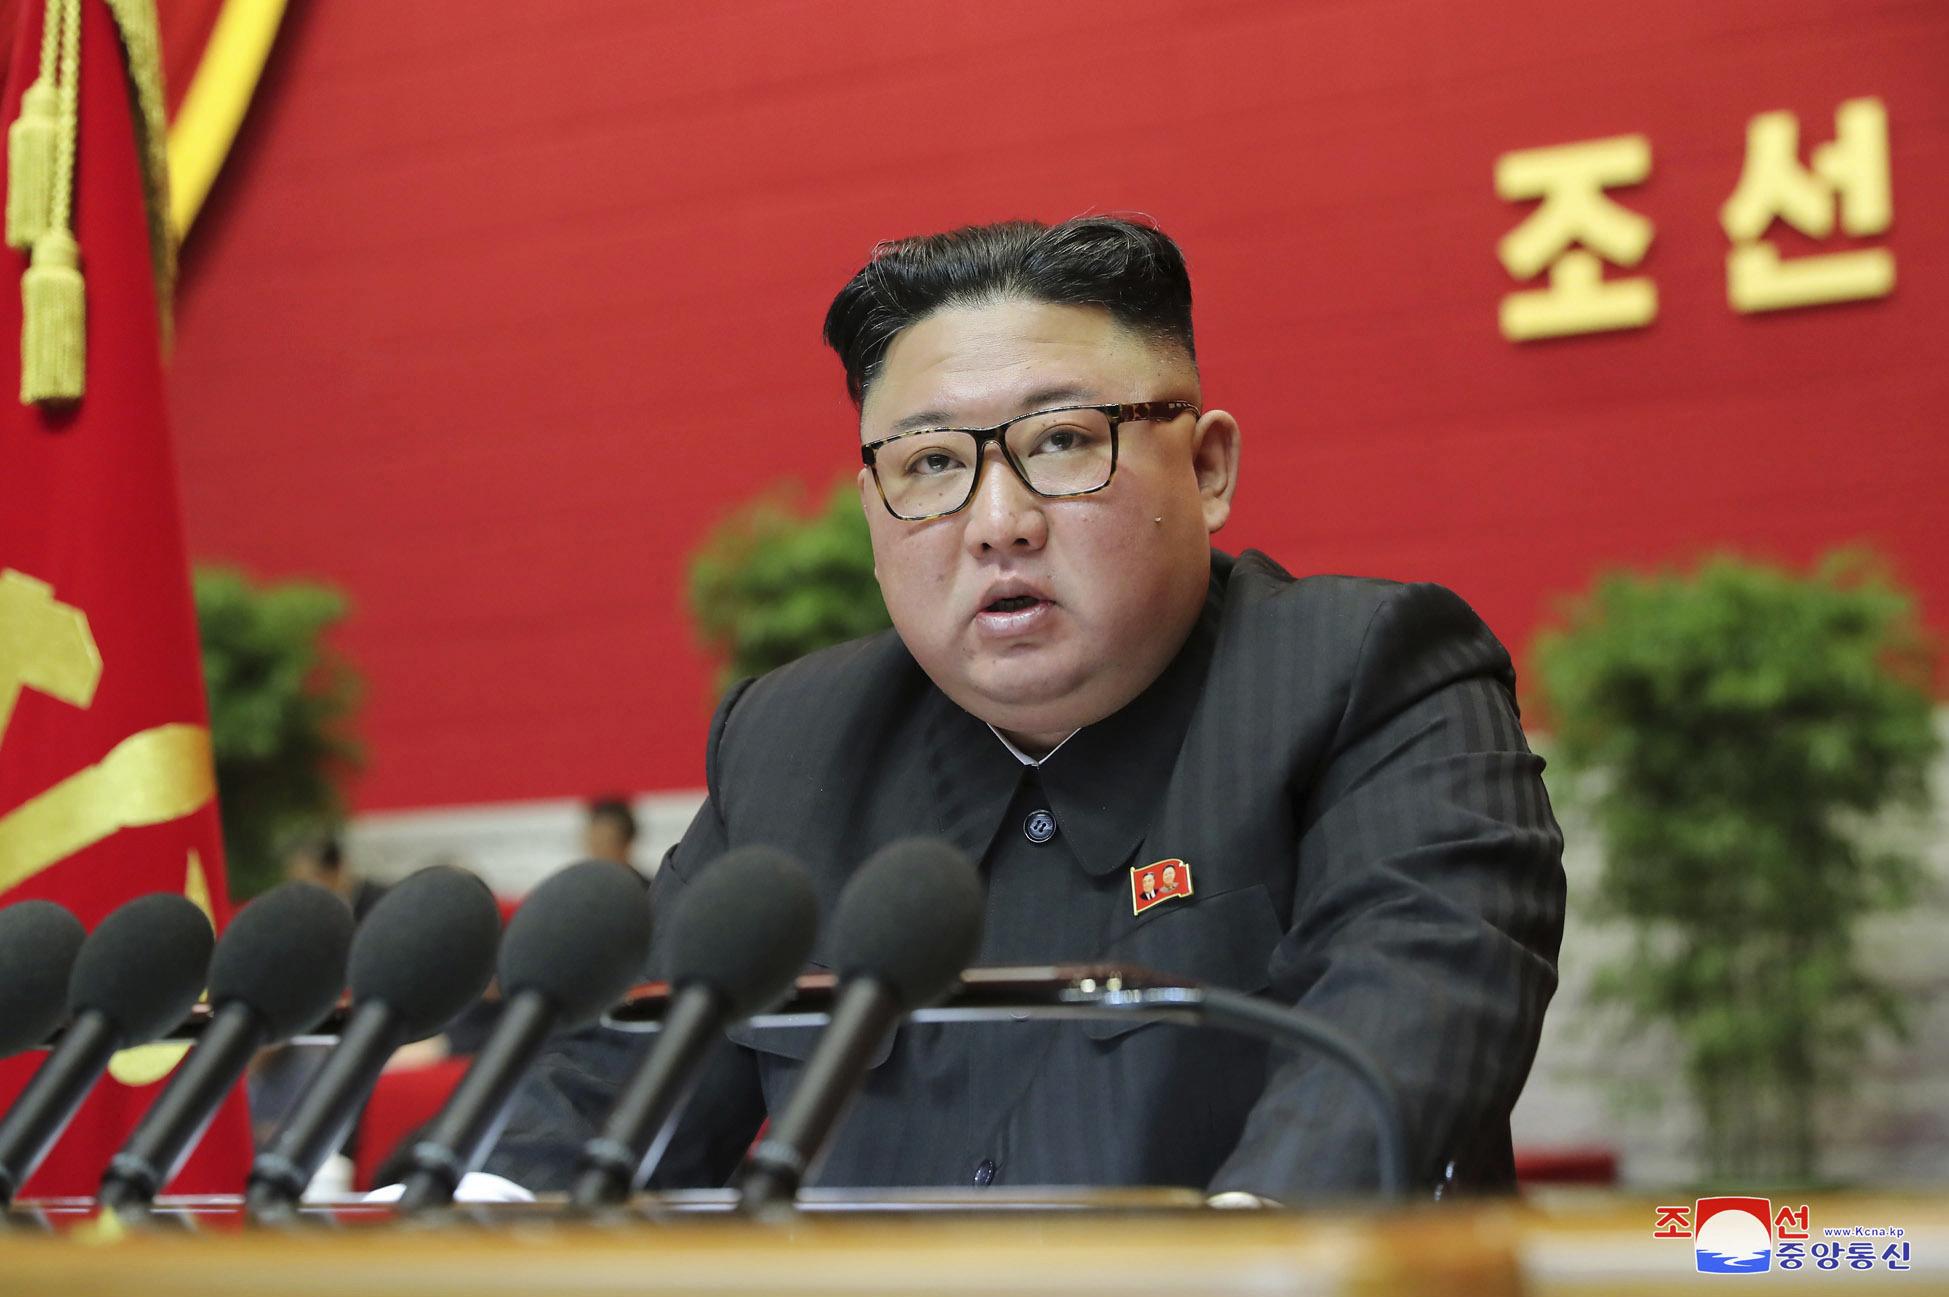 Kim Jong Un; Kim Jong-un